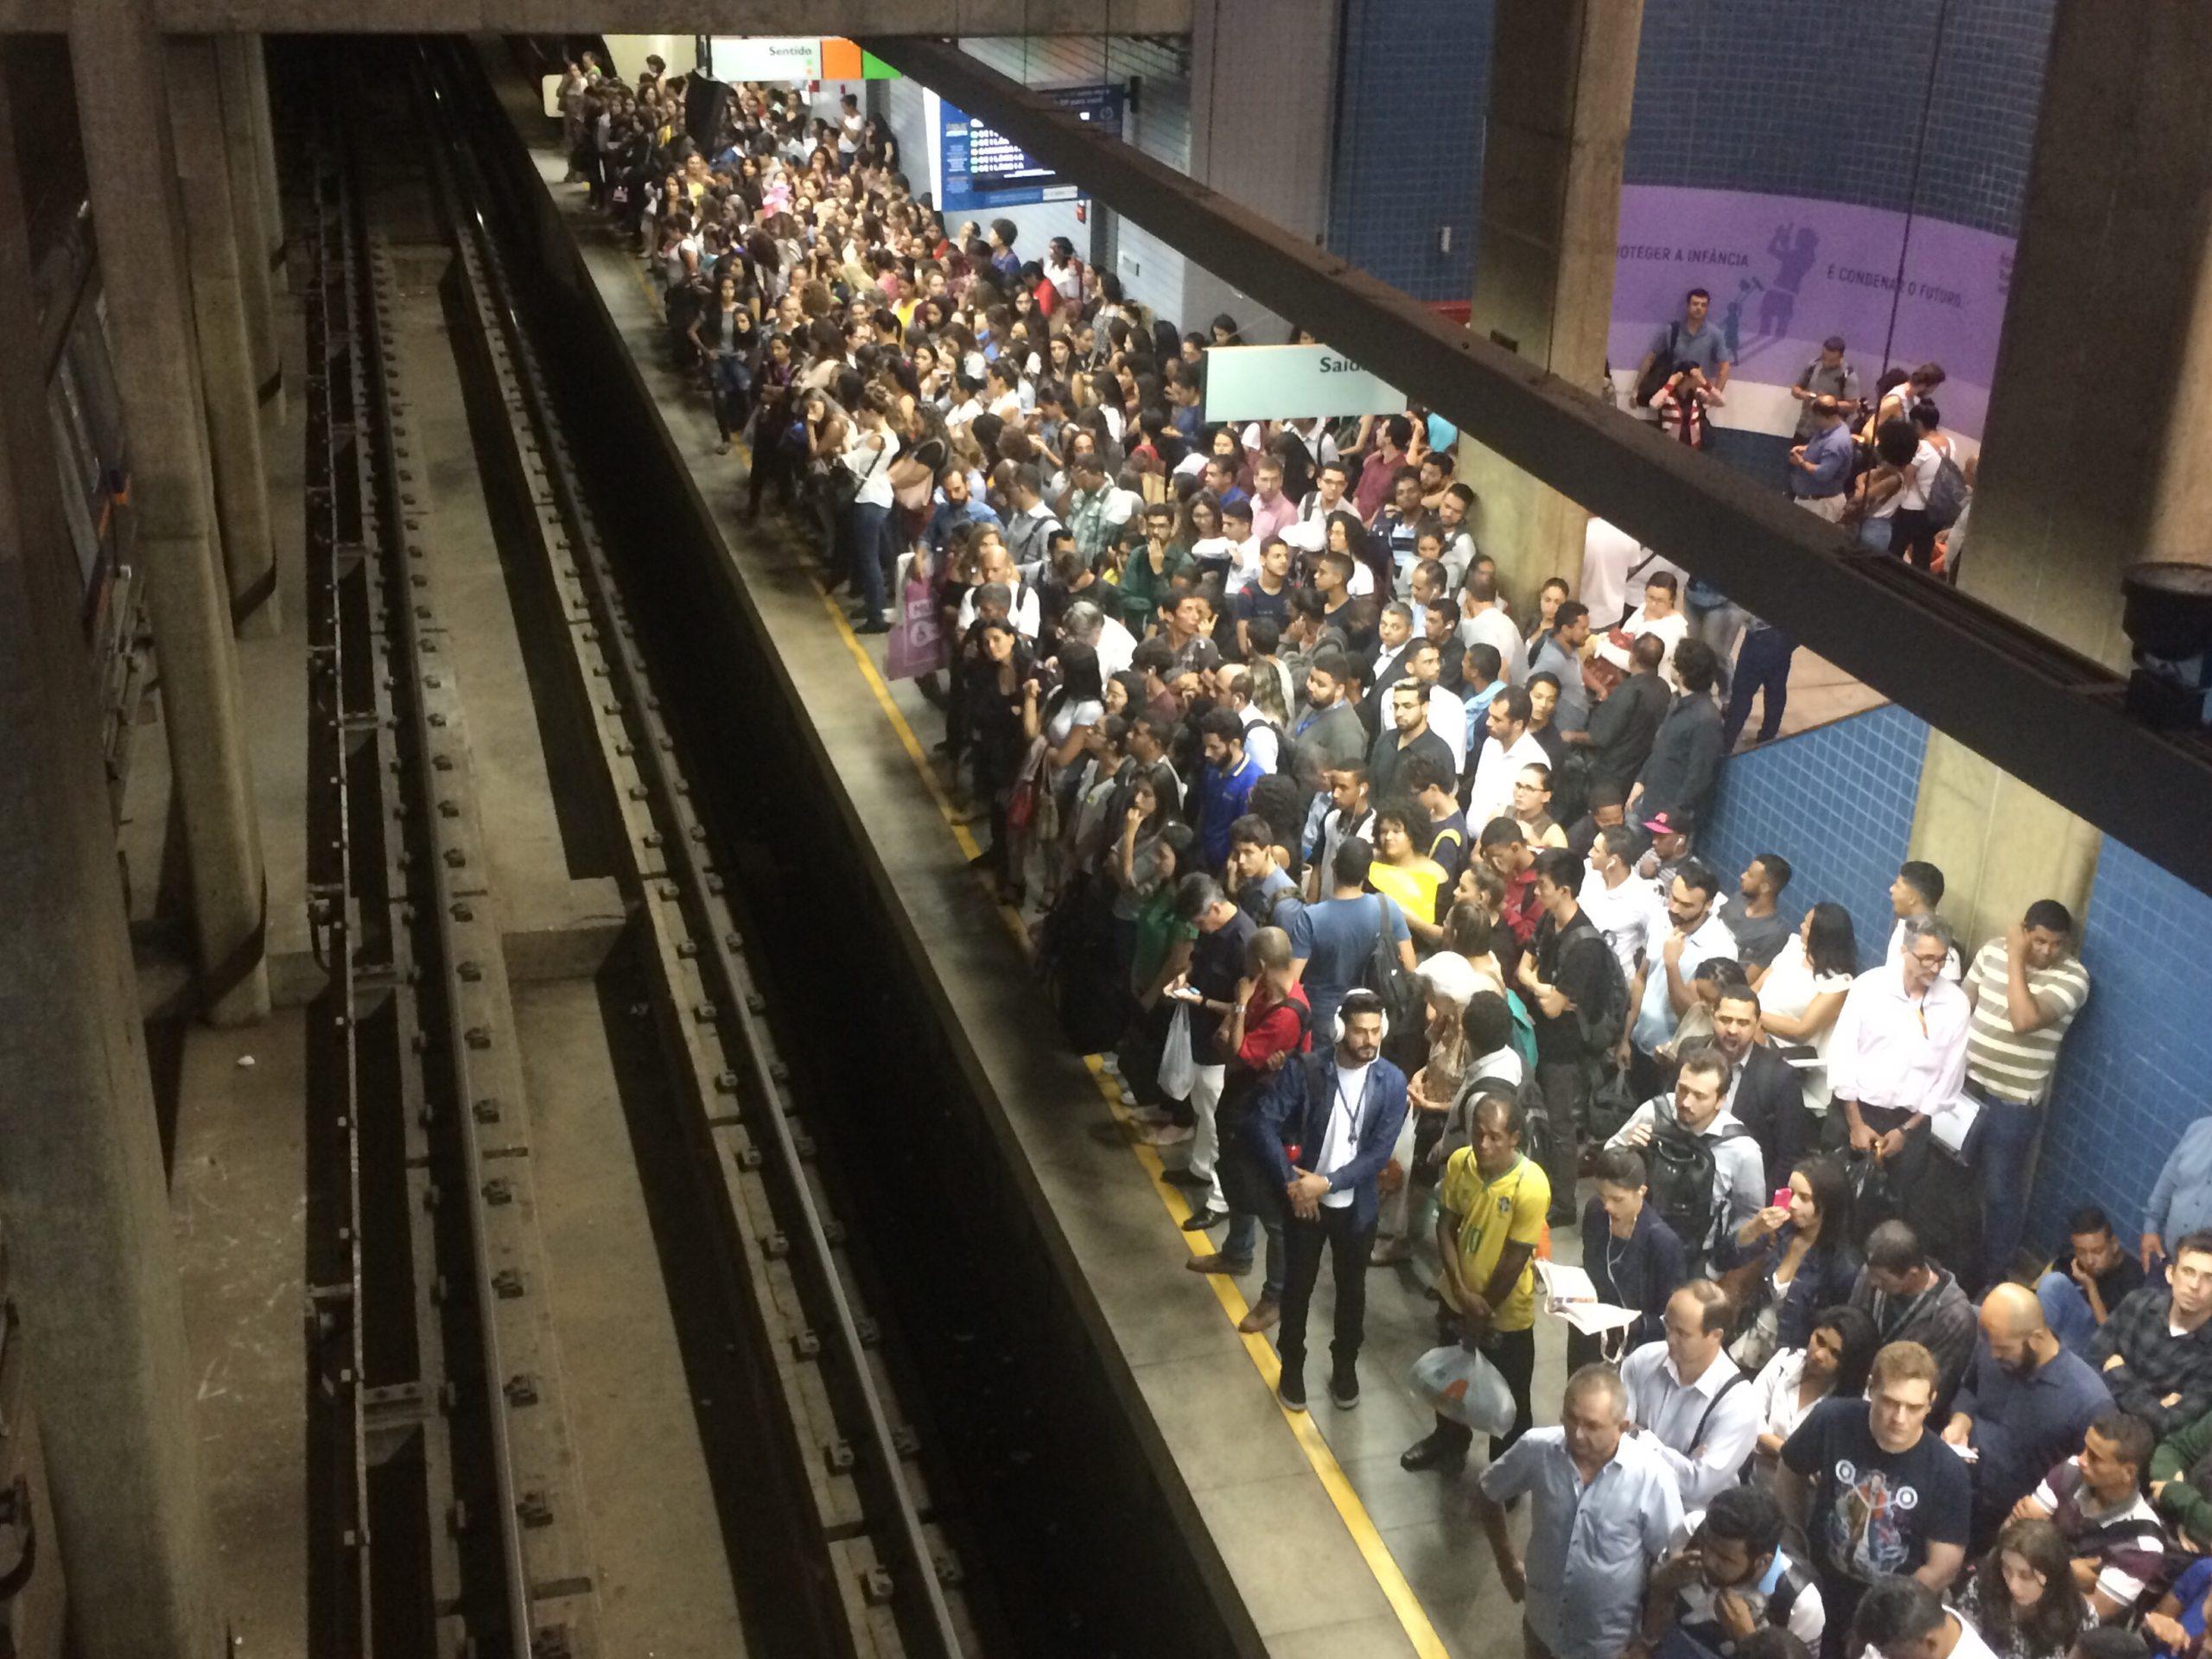 Pane em vagão do metrô em Águas Claras suspende operação do sistema